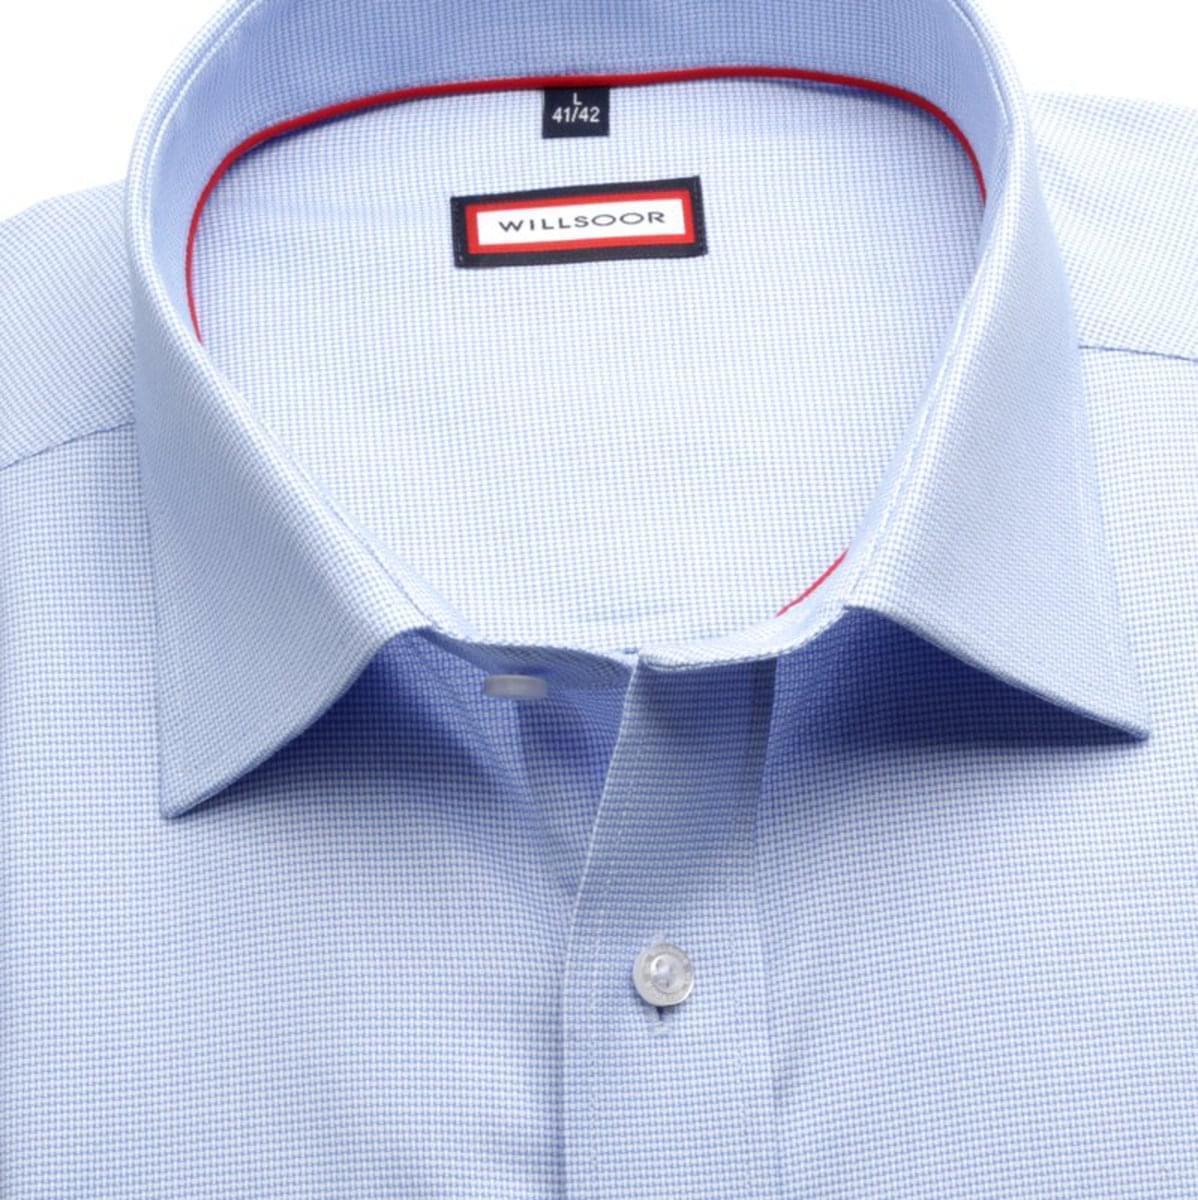 Pánská klasická košile (výška 176-182) 7390 ve světle modré barvě 176-182 / XL (43/44)